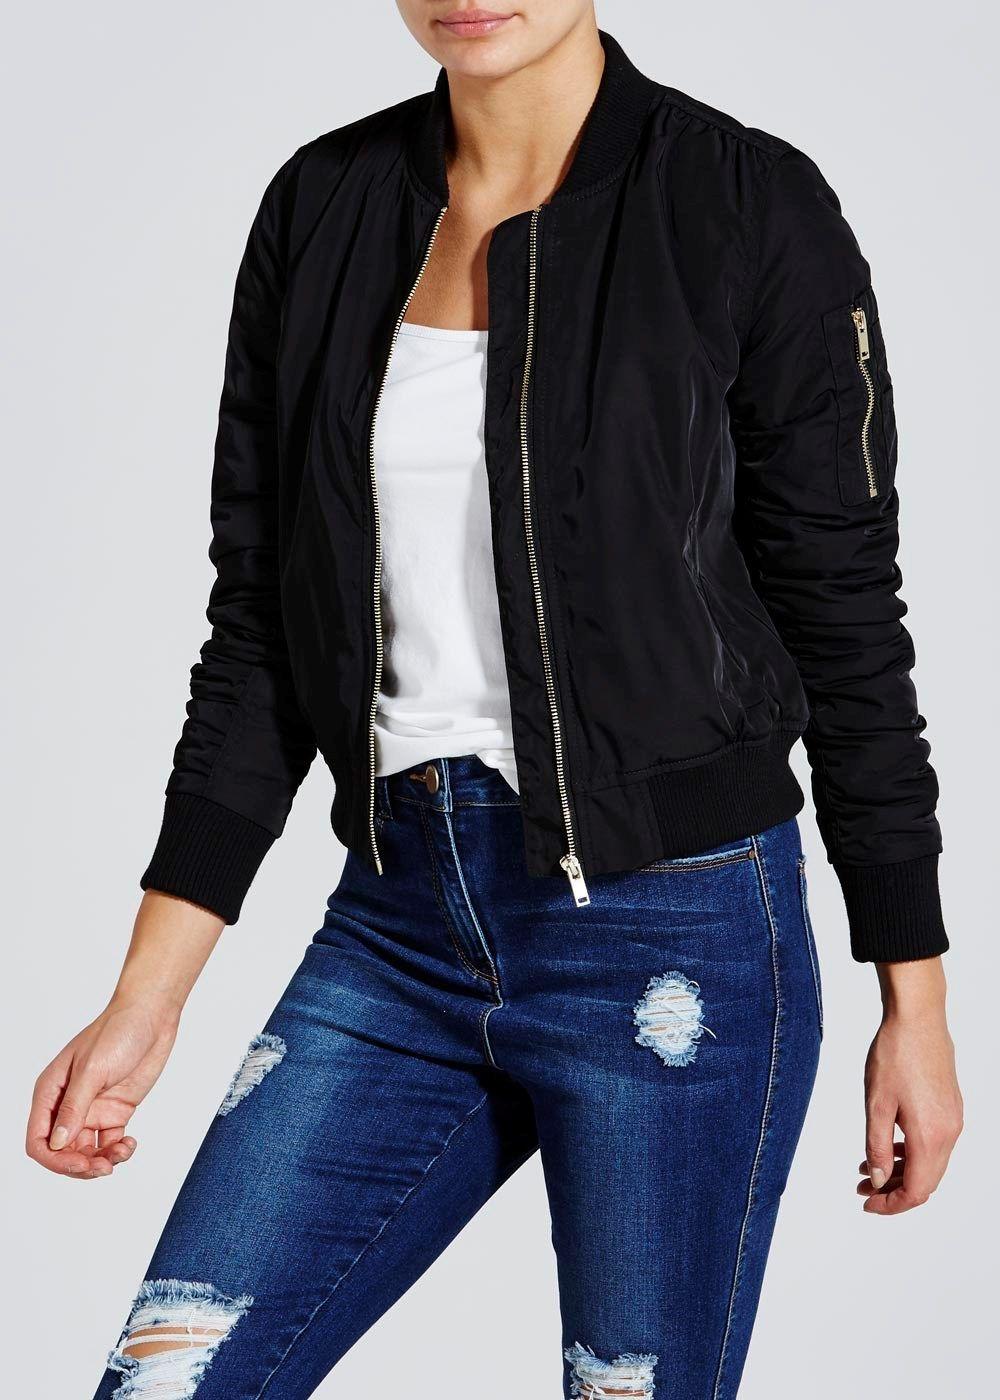 Pink leather jacket matalan